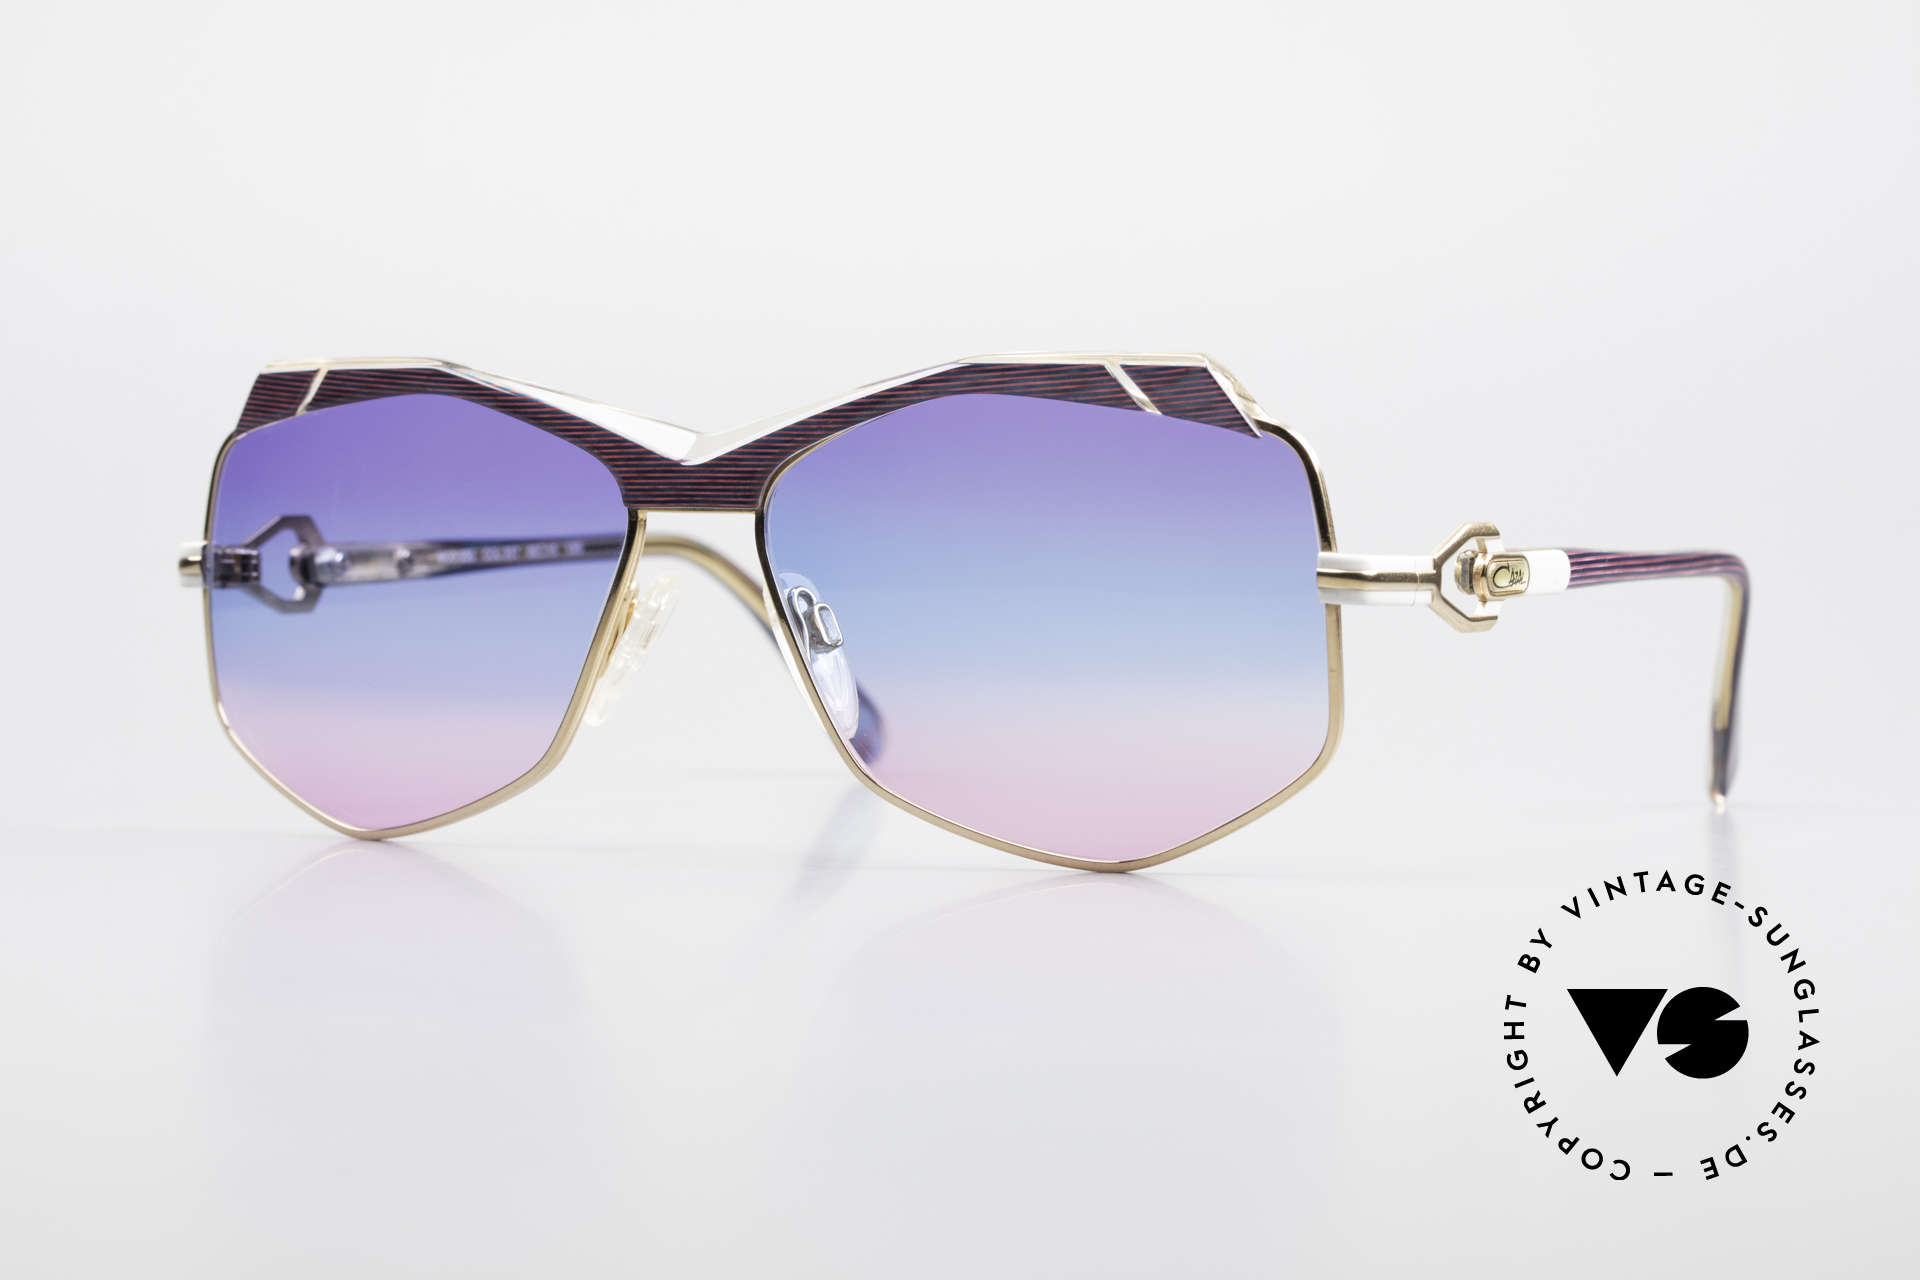 Cazal 230 Bunte Cazal Sonnenbrille 80er, tolle 80er Jahre Cazal Designersonnenbrille, Passend für Damen